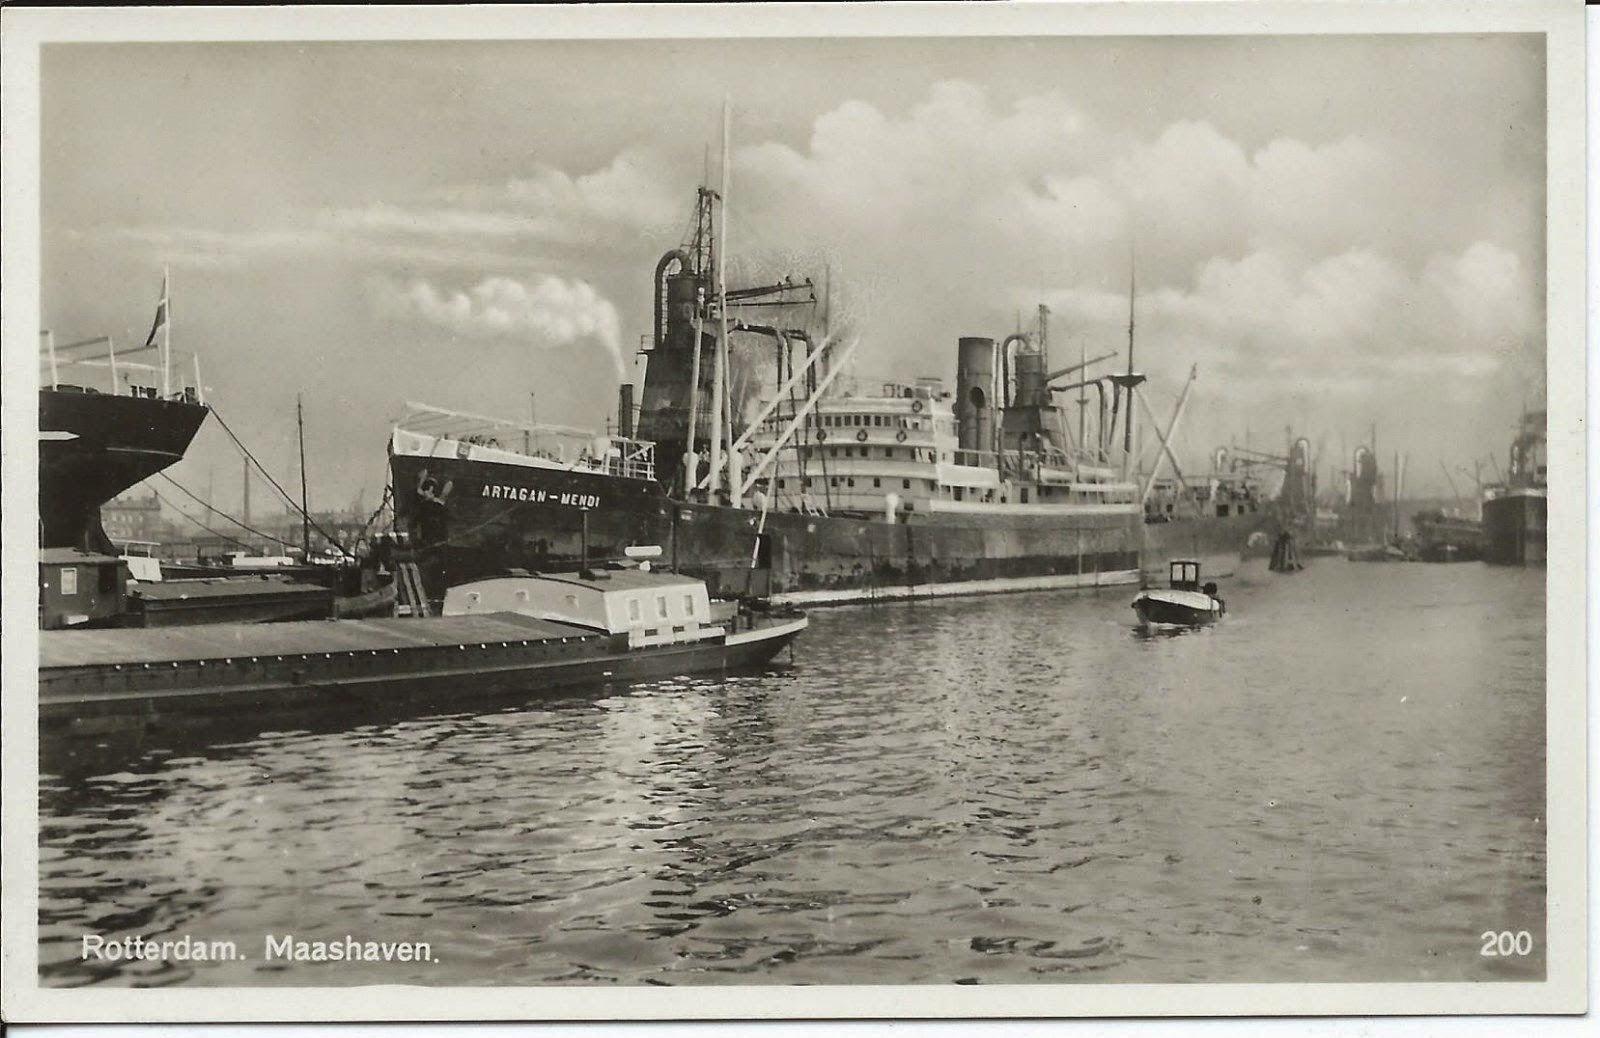 El Artagan Mendi, un barco construido en los Astilleros Euskalduna y finalizado un 12 de octubre de 1917, es decir hace 100 años, ha sido uno de los elementos recogidos de forma simbólica en esta proyección.